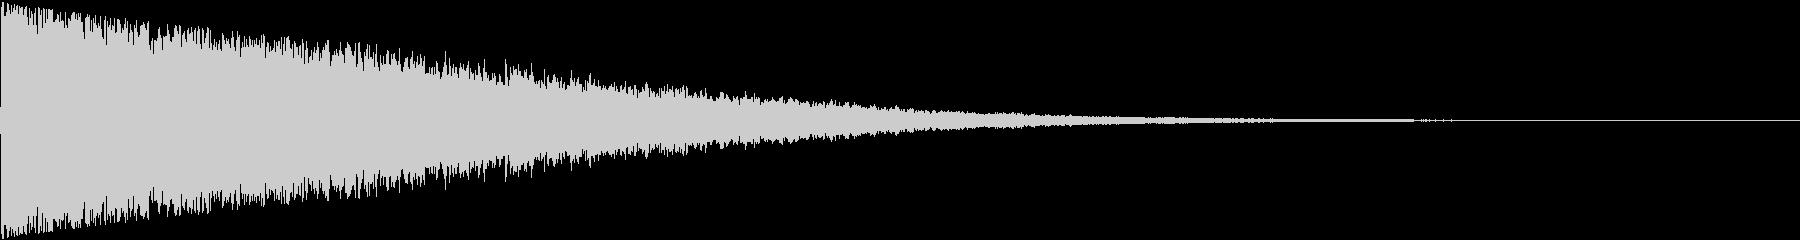 キーン(超音波みたいな電子音)の未再生の波形